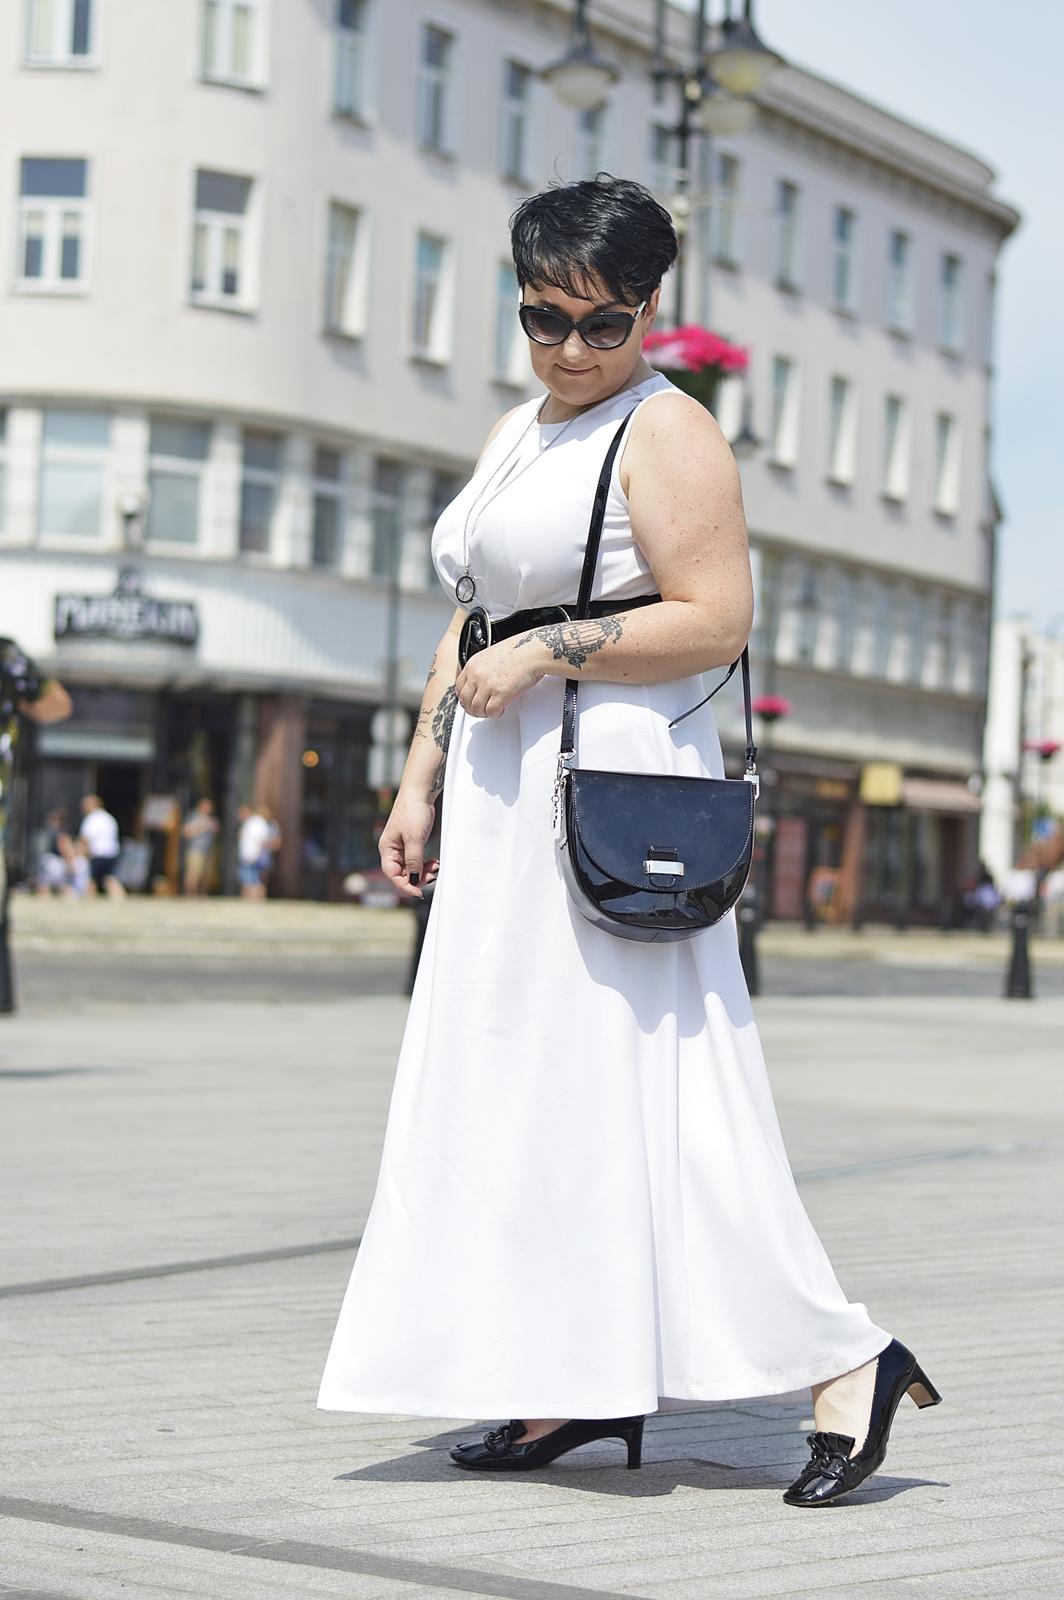 Biała Długa Sukienka  Maxi White Dress